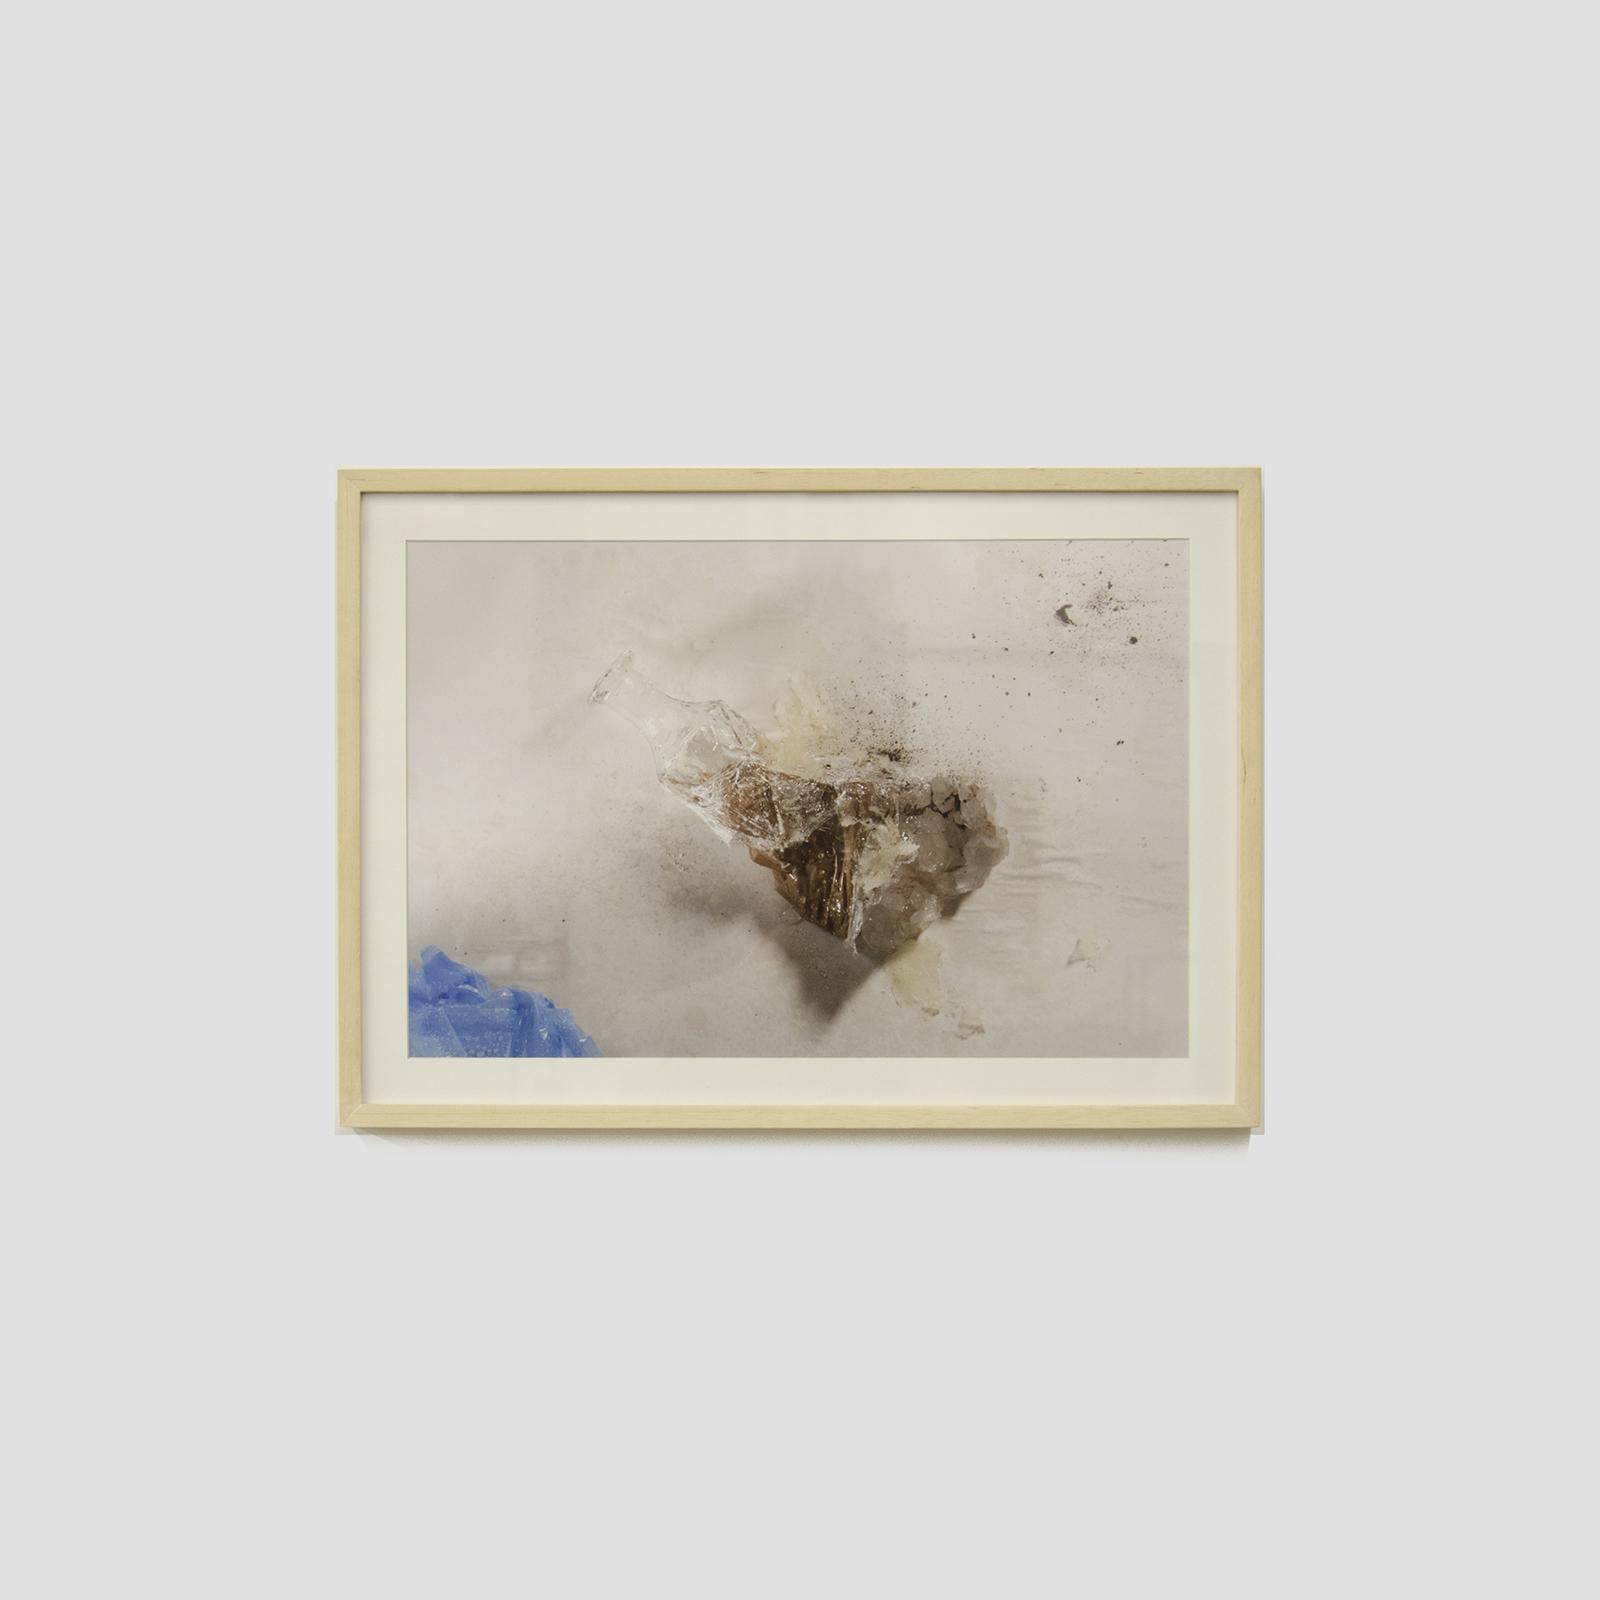 etimologia da palavra garrafinhadevidrodobanheiro,  2013  fotografia (Lambda Print)  Edição: 1/5 + P.A.  40 x 35 cm